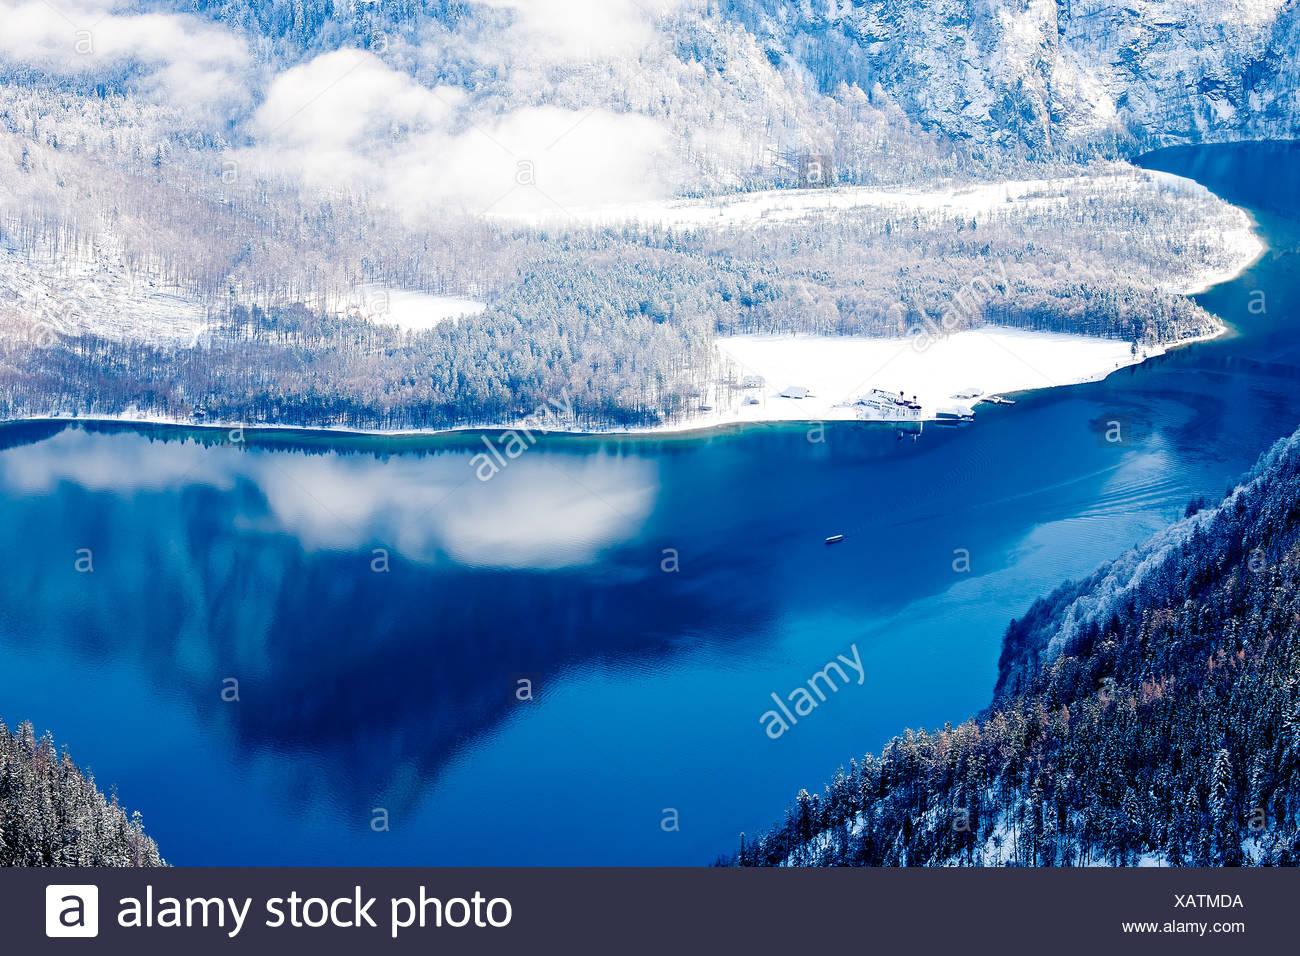 Il lago Koenigssee in inverno, Alpi, Baviera, Germania, Europa Immagini Stock